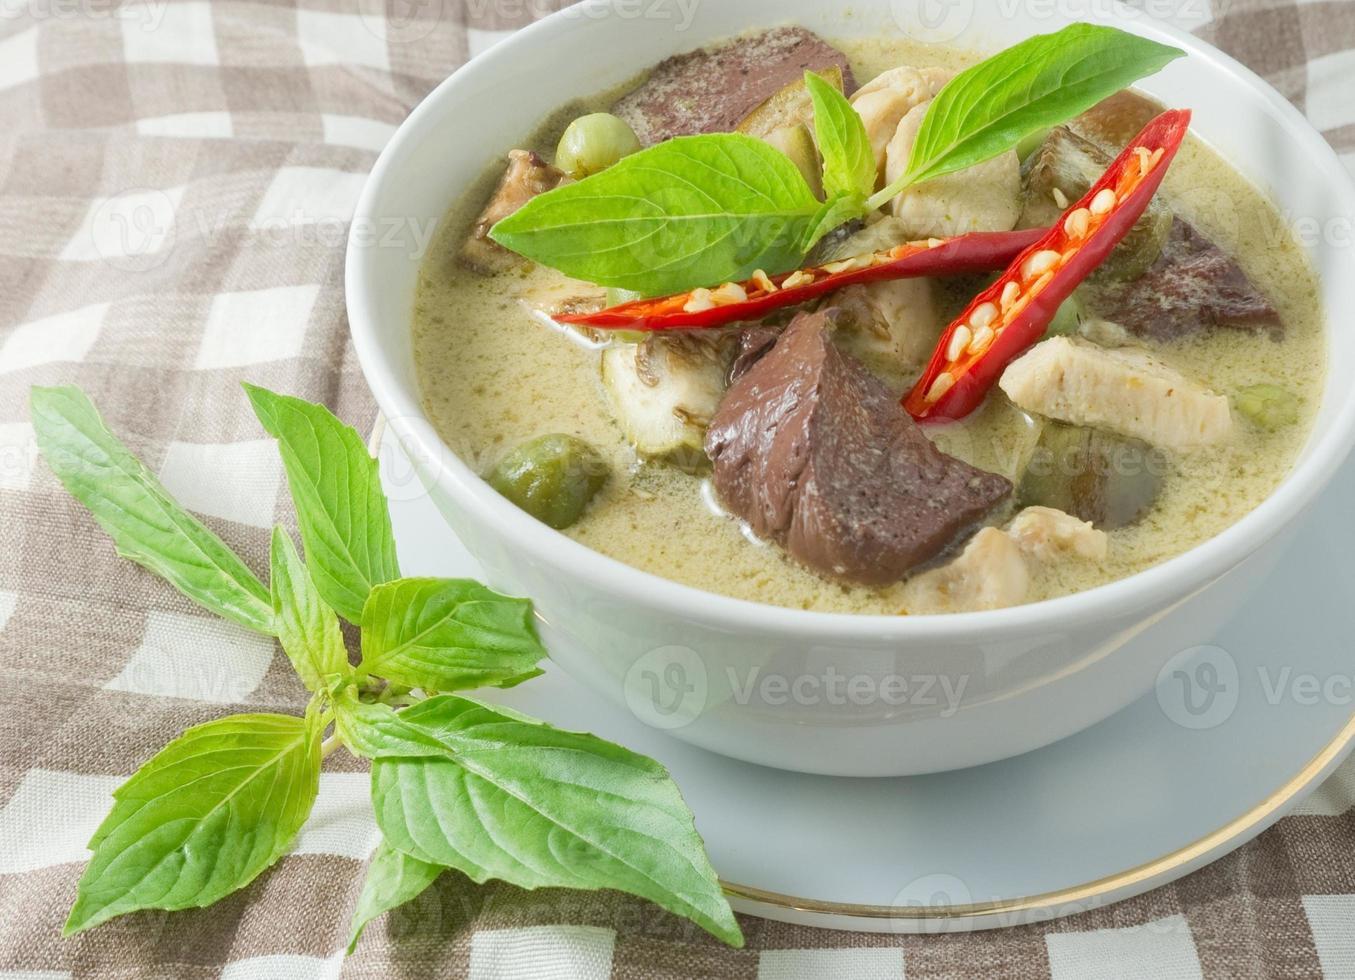 thailändisches grünes Curry mit Huhn in Kokosmilch foto